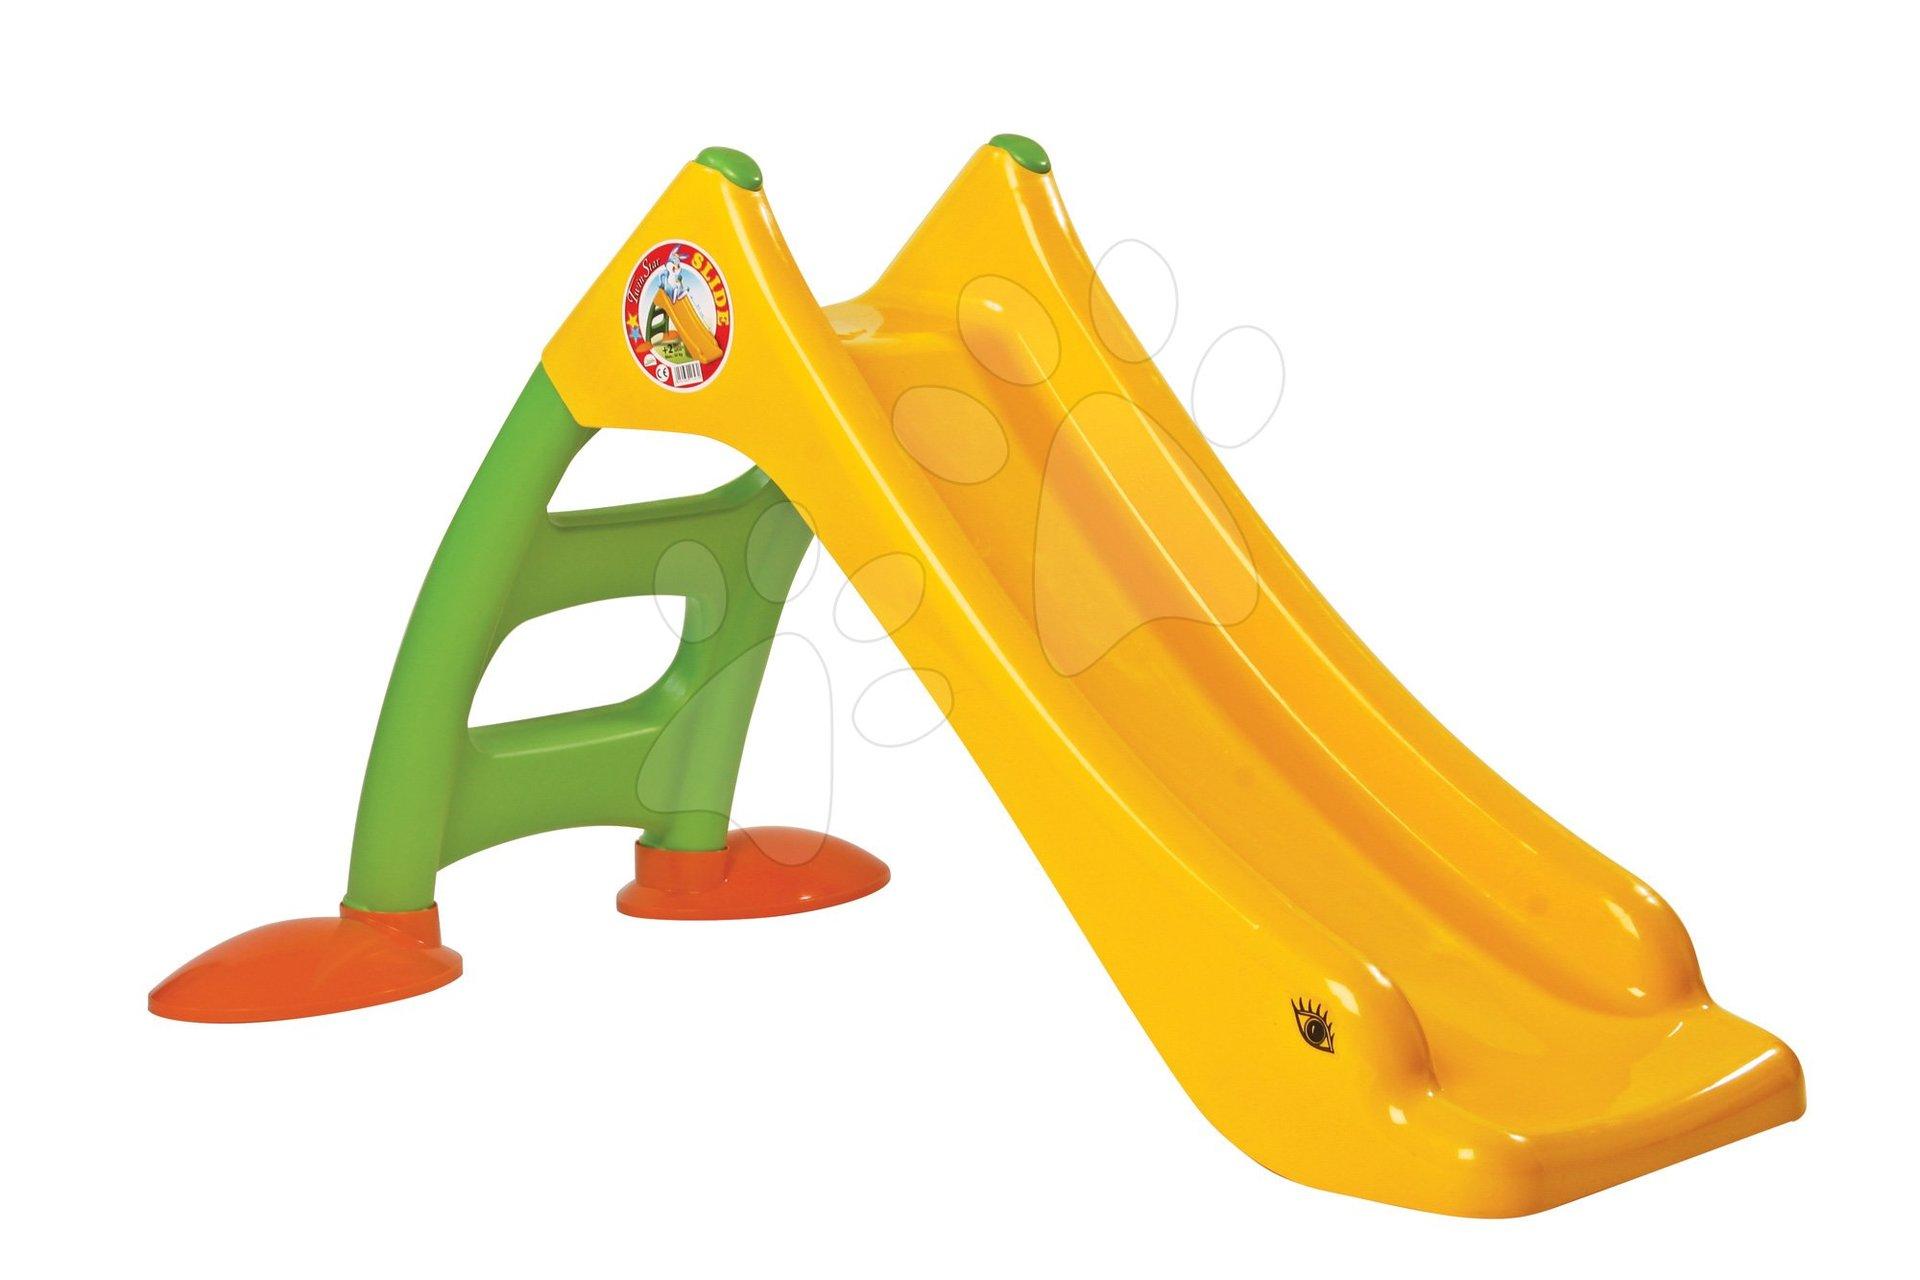 Skluzavky pro děti - Skluzavka Dohány délka 95 cm žlutá od 24 měsíců